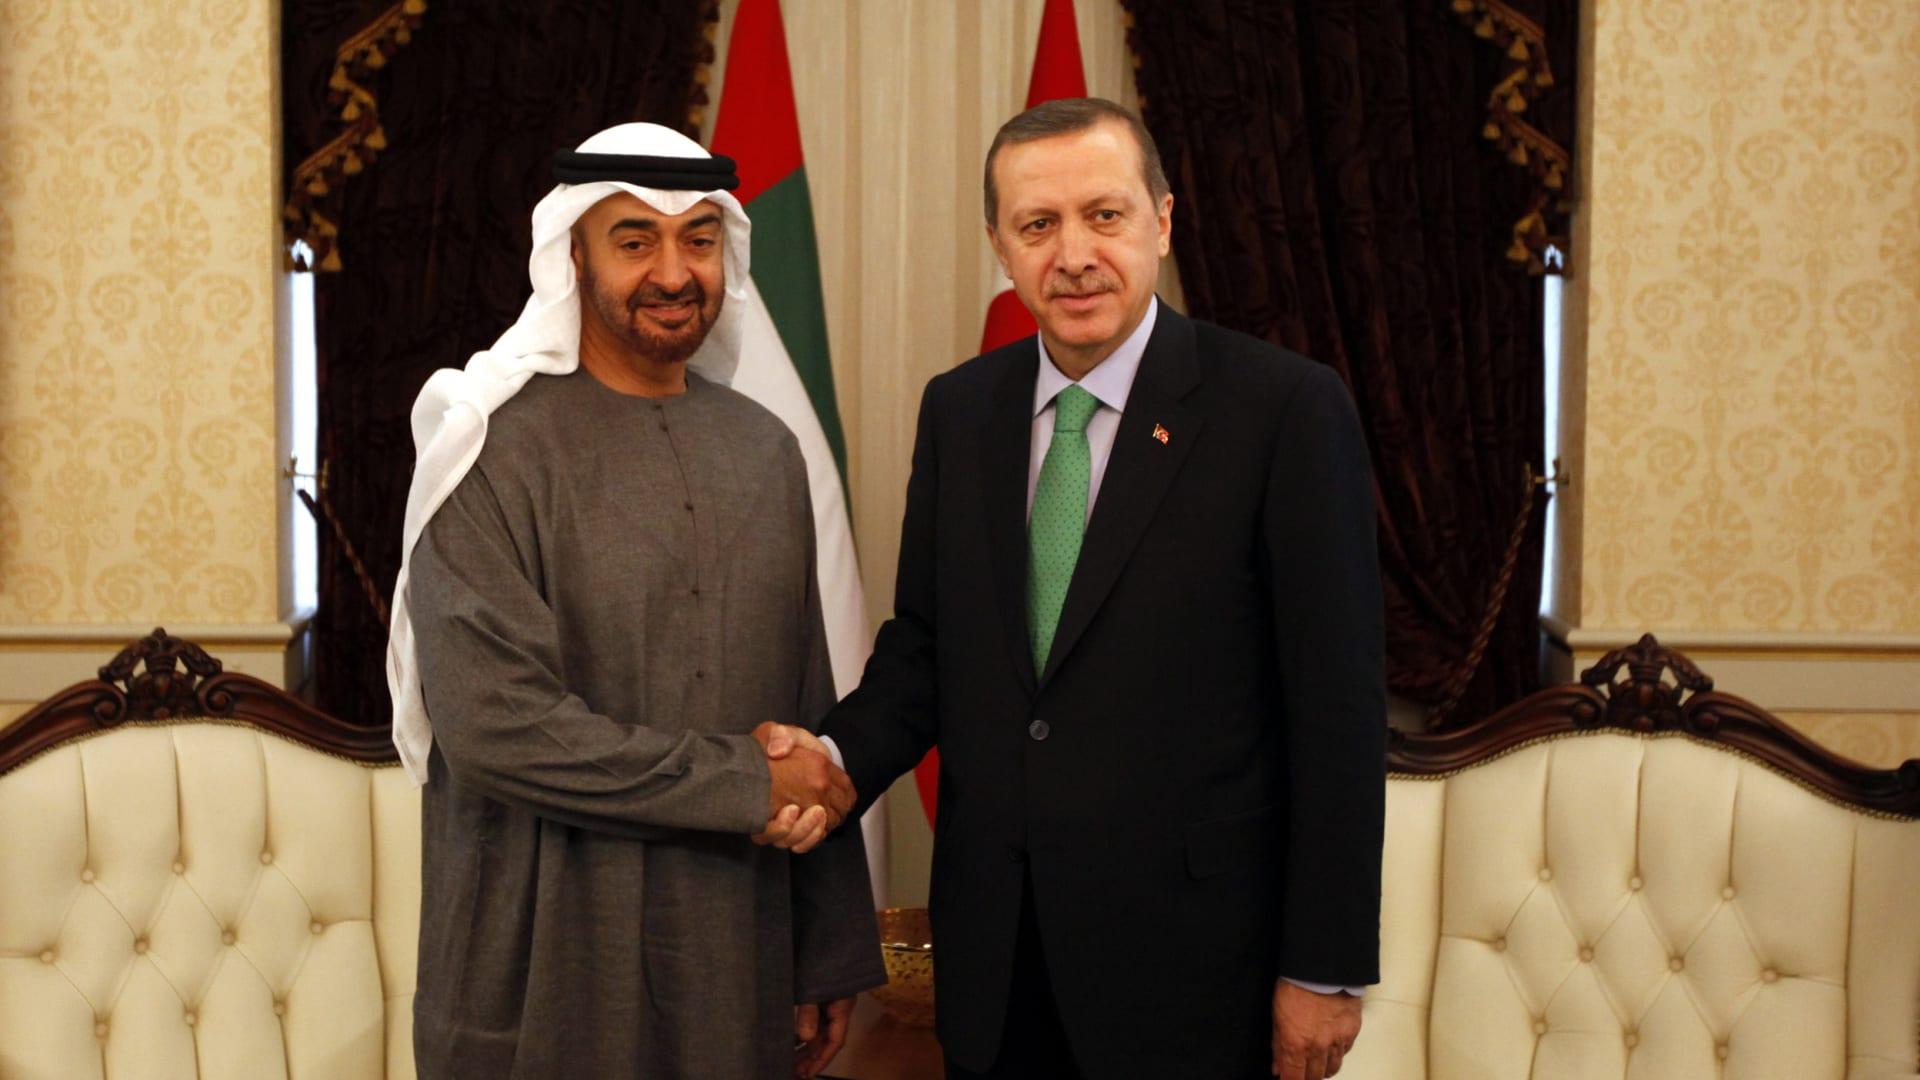 بعد أيام من زيارة طحنون بن زايد إلى تركيا.. اتصال هاتفي بين ولي عهد أبوظبي وأردوغان